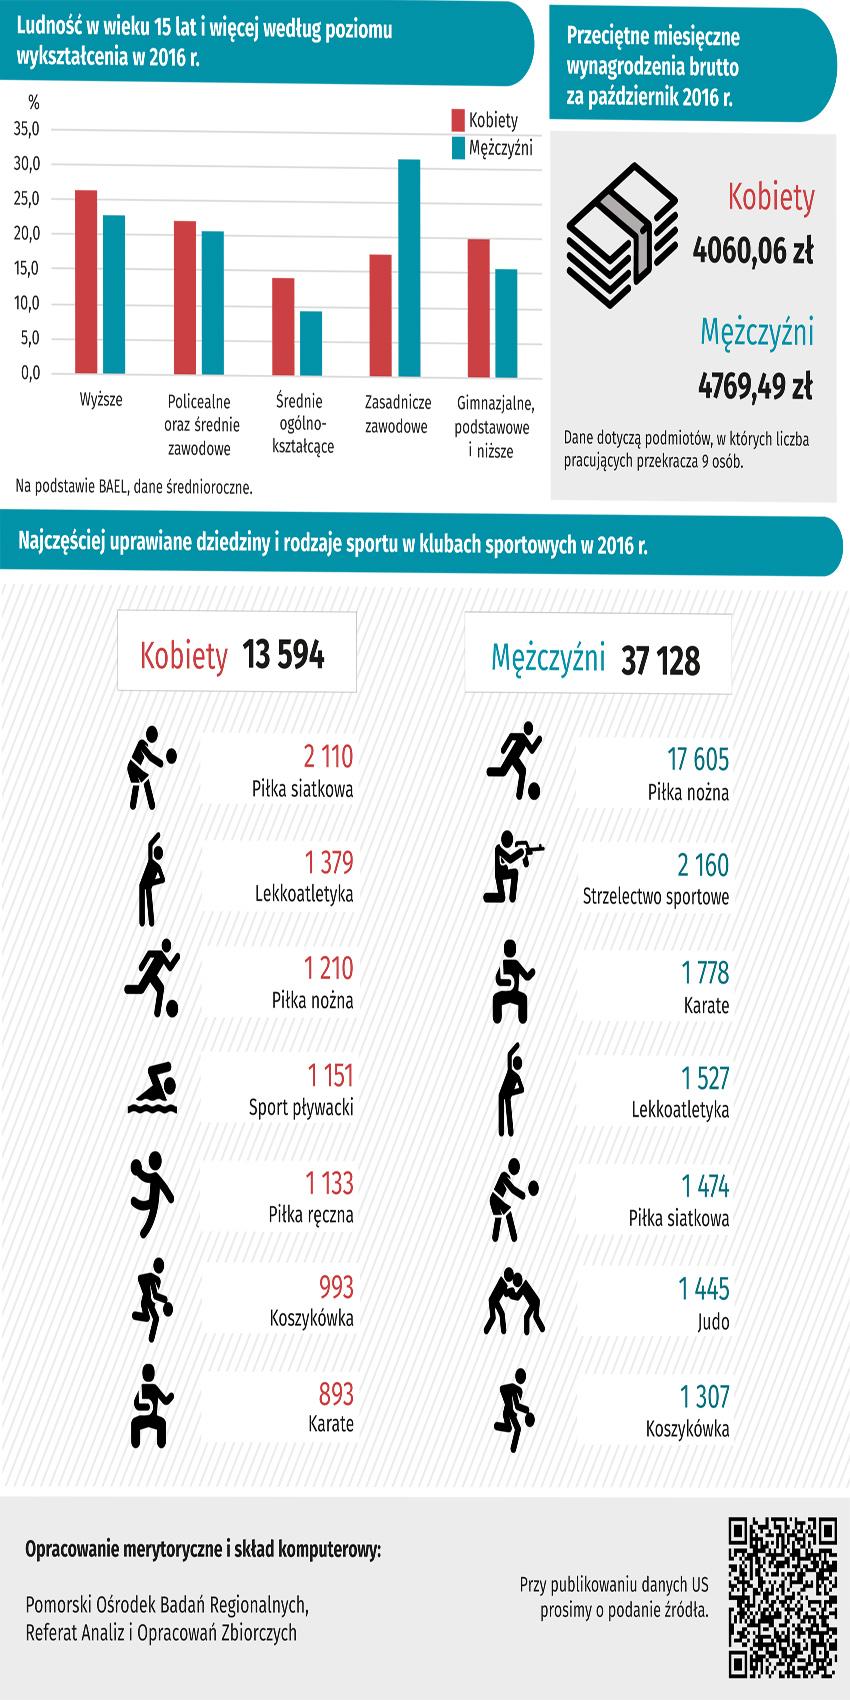 infografika Międzynarodowy Dzień Kobiet i Dzień Mężczyzn. Urząd Statystyczny w  Gdańsku